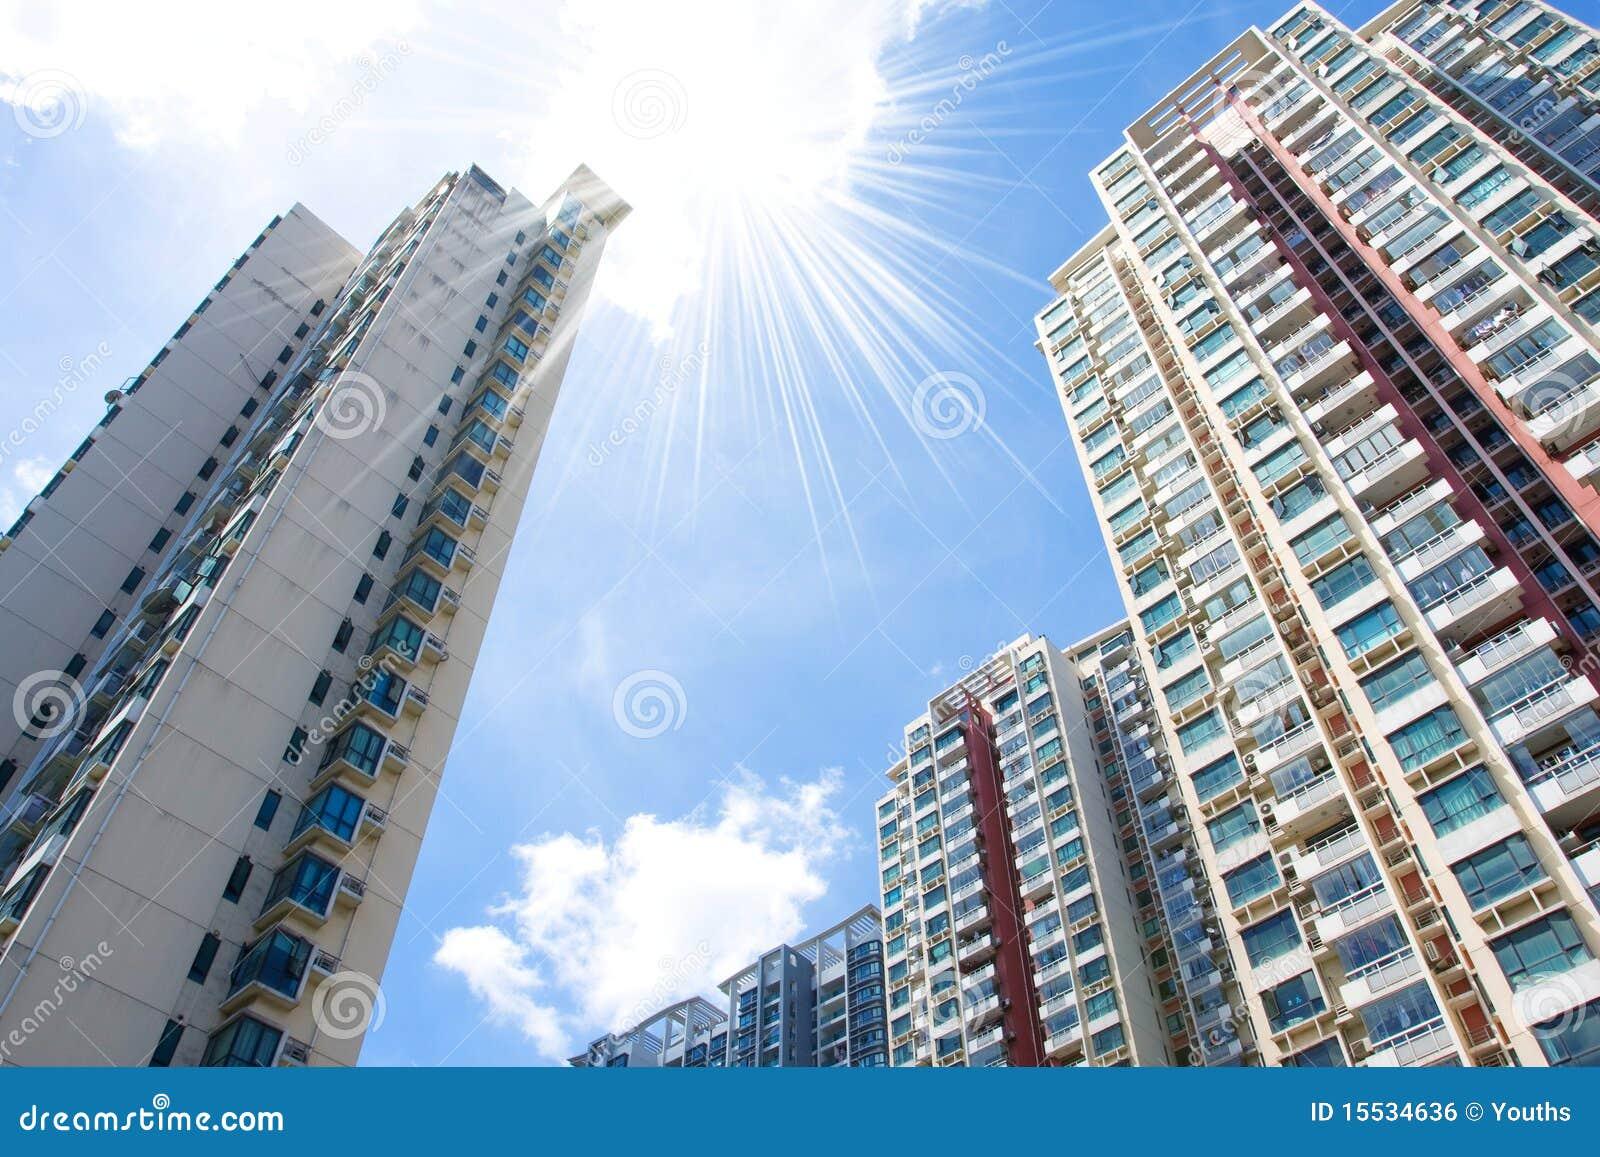 Immeubles modernes image libre de droits image 15534636 for Image immeuble moderne